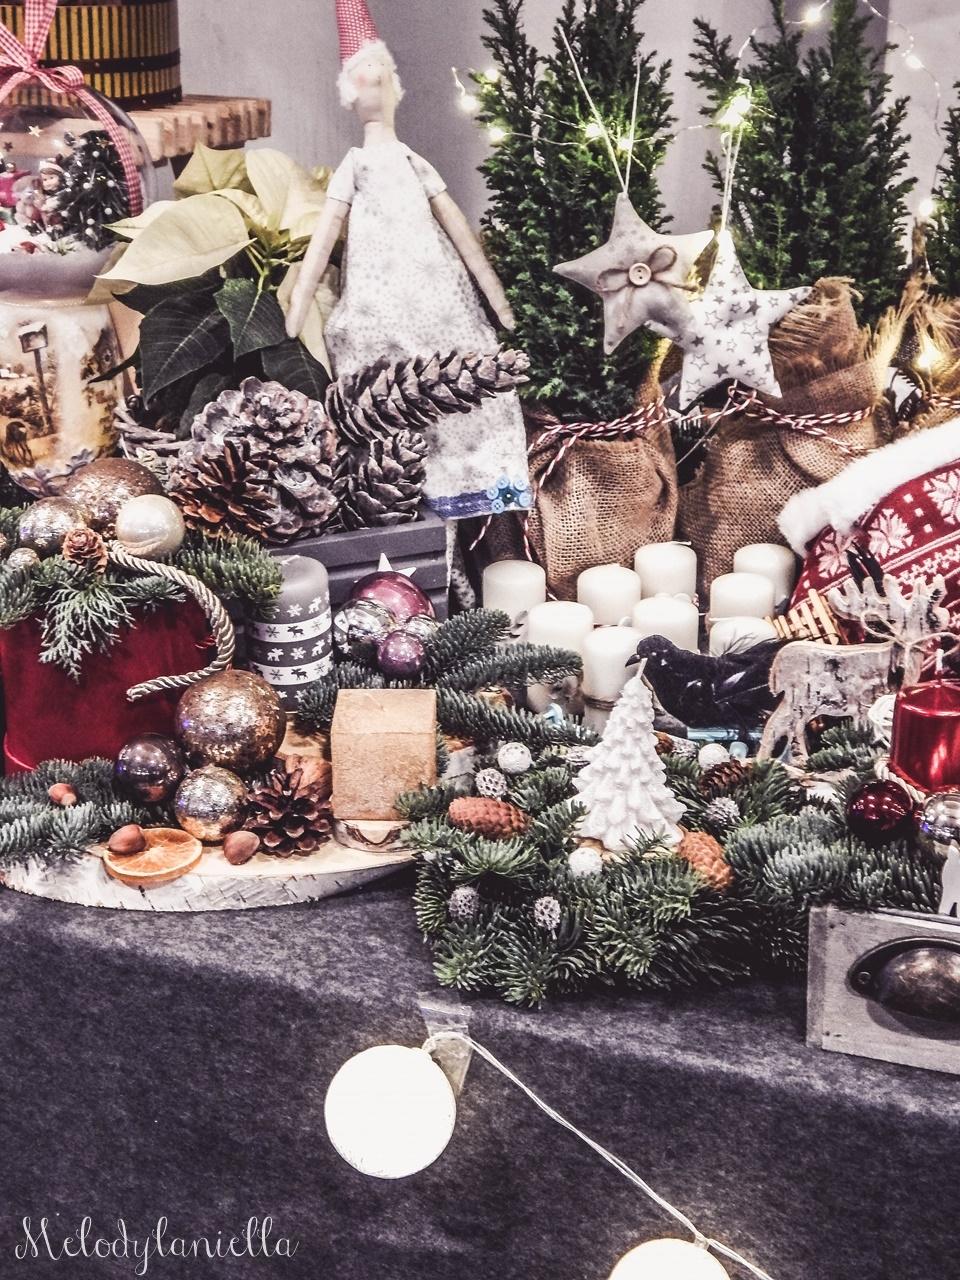 7 nietypowy jarmark świąteczny piotrkowska 217 co dzieje się w łodzi dwukropek ogrody zofii bożonarodzeniowy jarmark targ świąteczny świat z lukru pierniki świąteczne łódź biżuteria handmade piando zigner